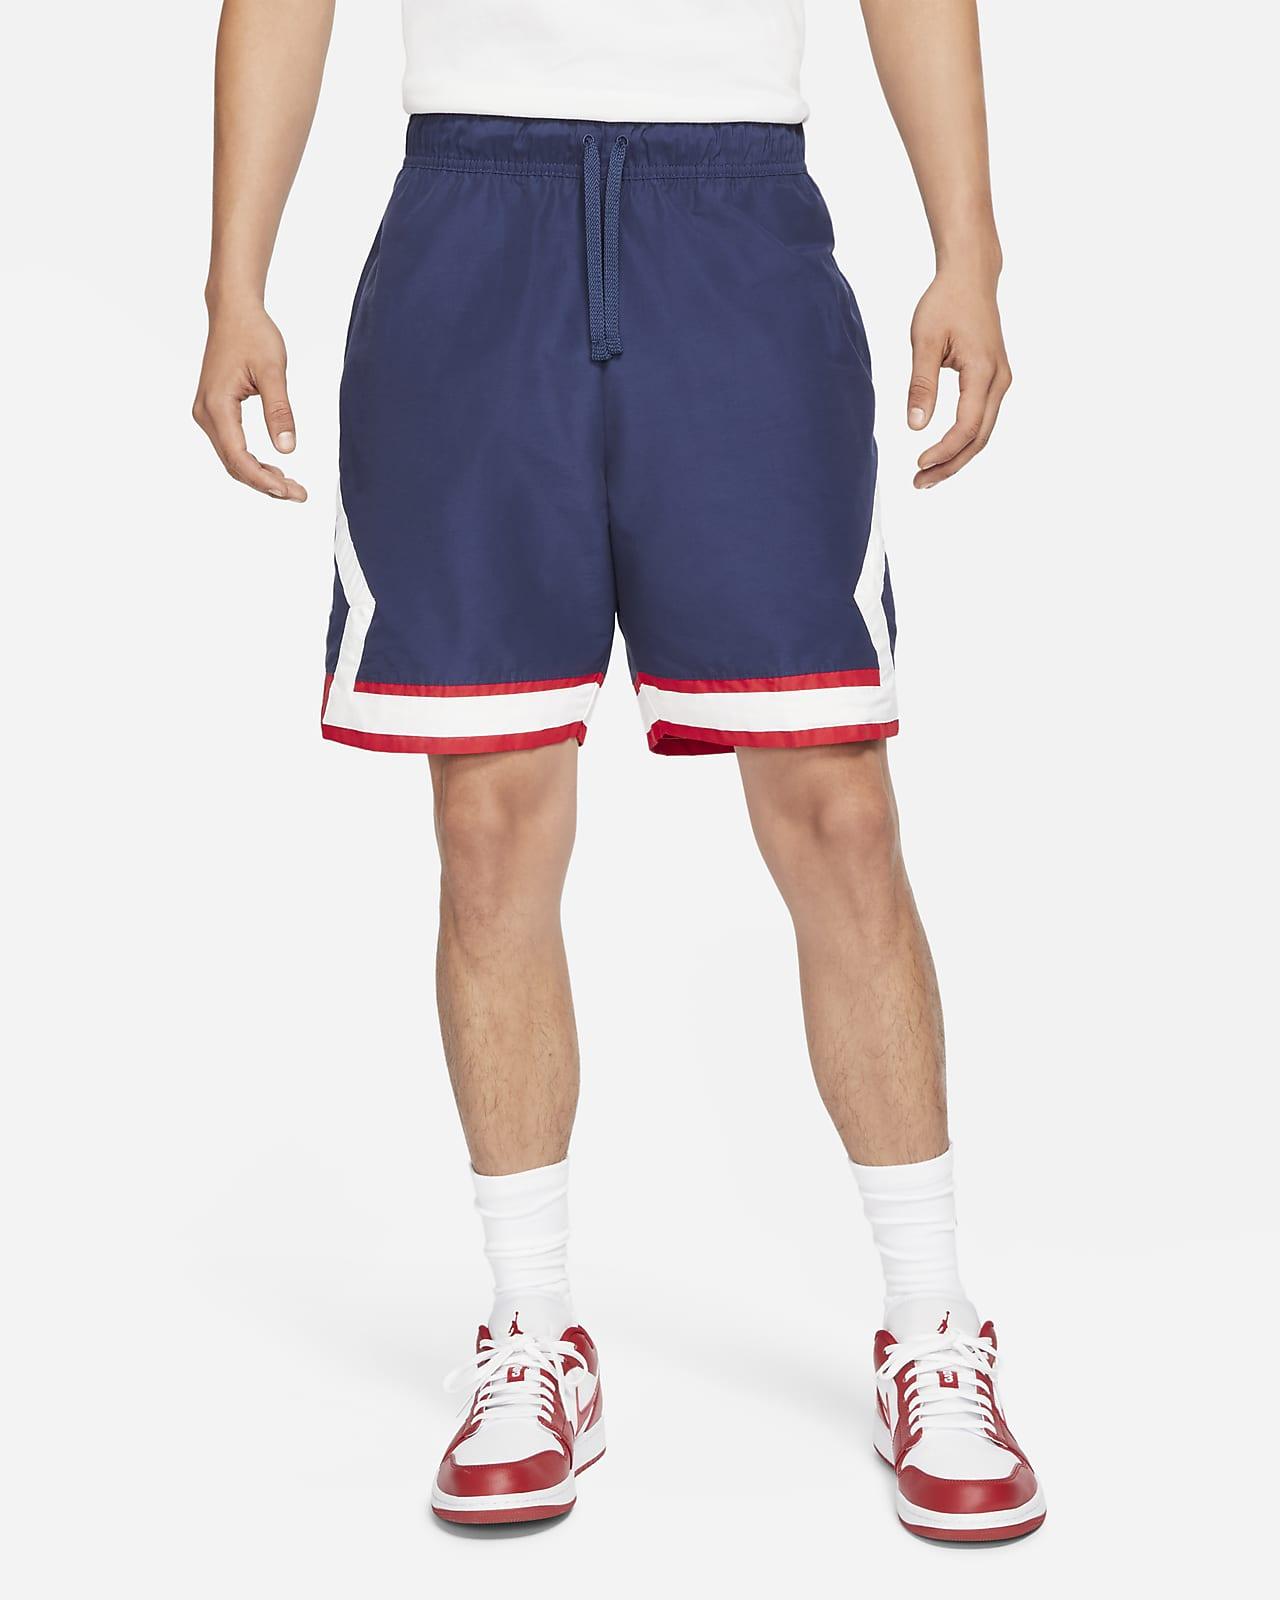 巴黎圣日耳曼 Jumpman 男子短裤